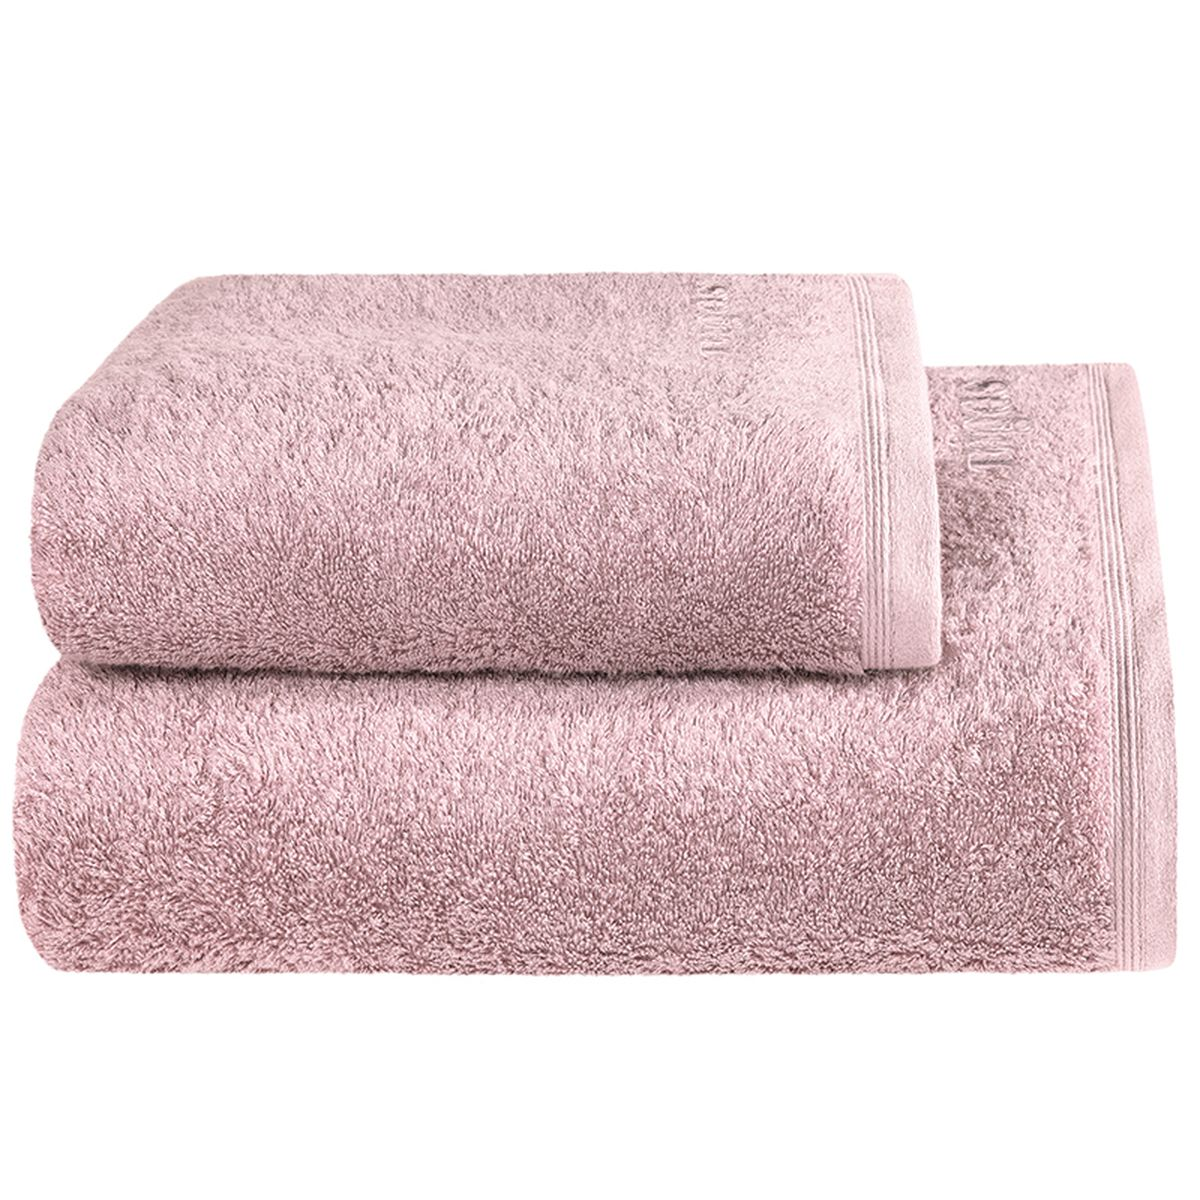 Полотенце Togas Пуатье, цвет: розовый, 50 х 100 см10.00.01.1045Полотенце Togas Пуатье невероятно гармонично сочетает в себе лучшие качества современного махрового текстиля. Безупречные по качеству, экологичное полотенце из 70% хлопка и 30% модала идеально заботится о вашей коже, особенно после душа, когда вы расслаблены и особо уязвимы. Деликатный дизайн полотенца Togas «Пуатье» - воплощение изысканной простоты, где на первый план выходит качество материала. Невероятно мягкое волокно модал, превосходящее по своим свойствам даже хлопок, позволяет улучшить впитывающие качества полотенца и делает его удивительно мягким. Модал - это 100% натуральное, экологически чистое целлюлозное волокно. Оно производится без применения каких-либо химических примесей, поэтому абсолютно гипоаллергенно.Полотенце Togas Пуатье, обладающее идеальными качествами, будет поднимать вам настроение.